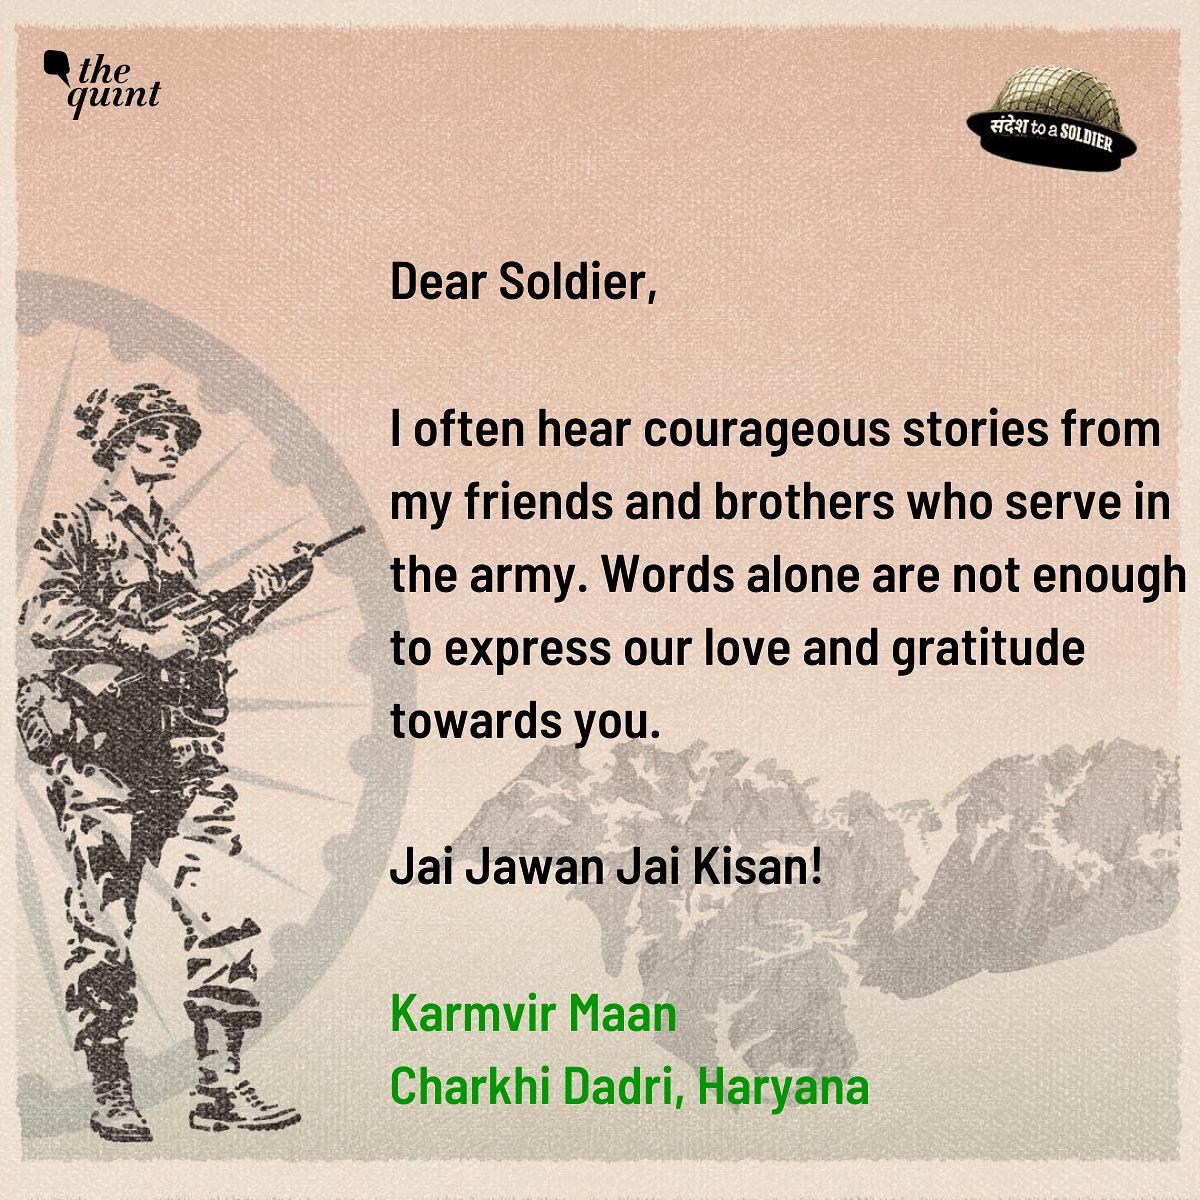 Karmvir Maan from Haryana sends his sandesh to a soldier.